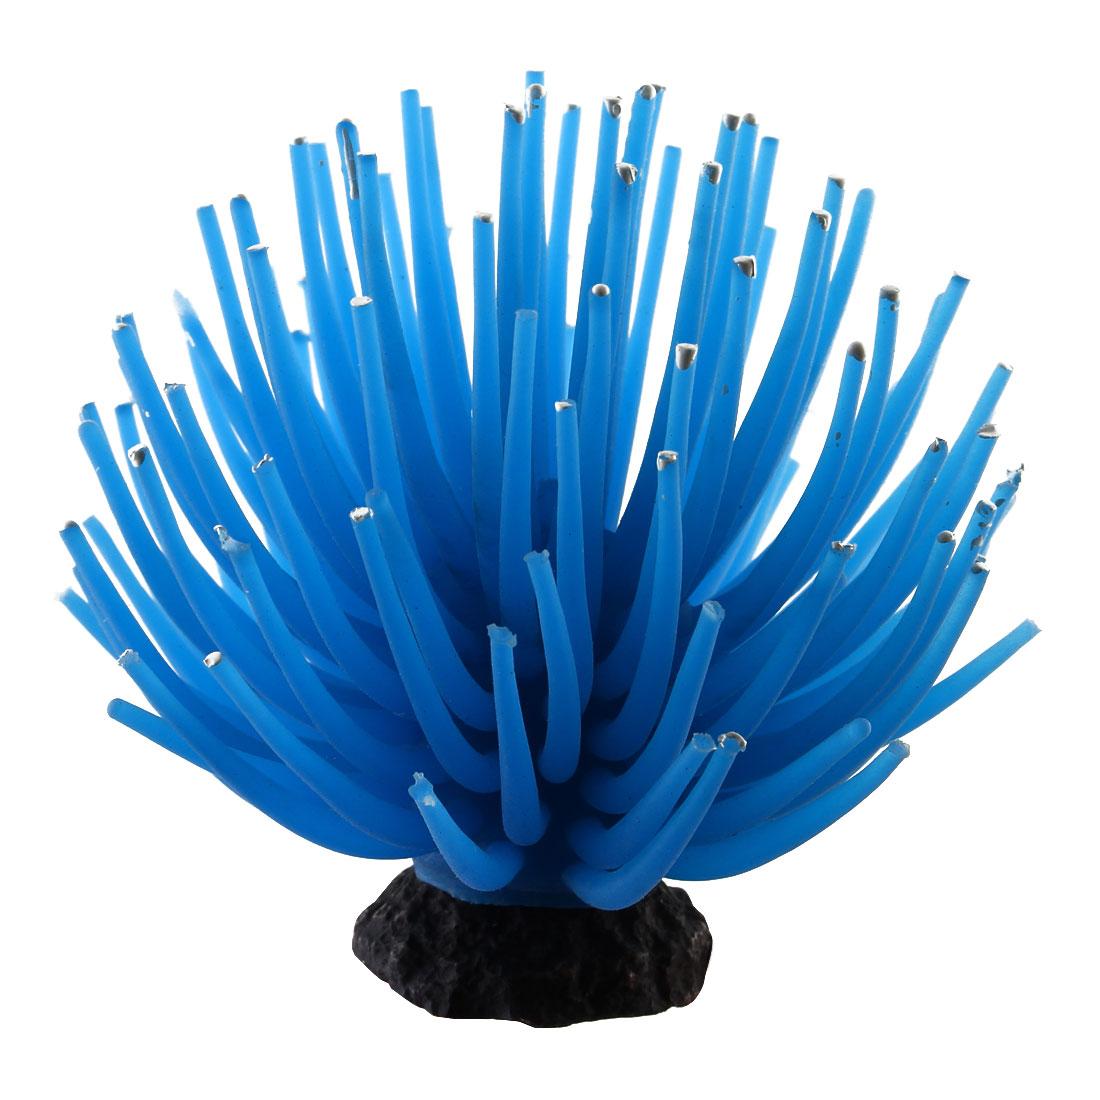 Aquarium Ceramic Base Artificial Coral Adornment Underwater Landscape Manmade Ornament Blue